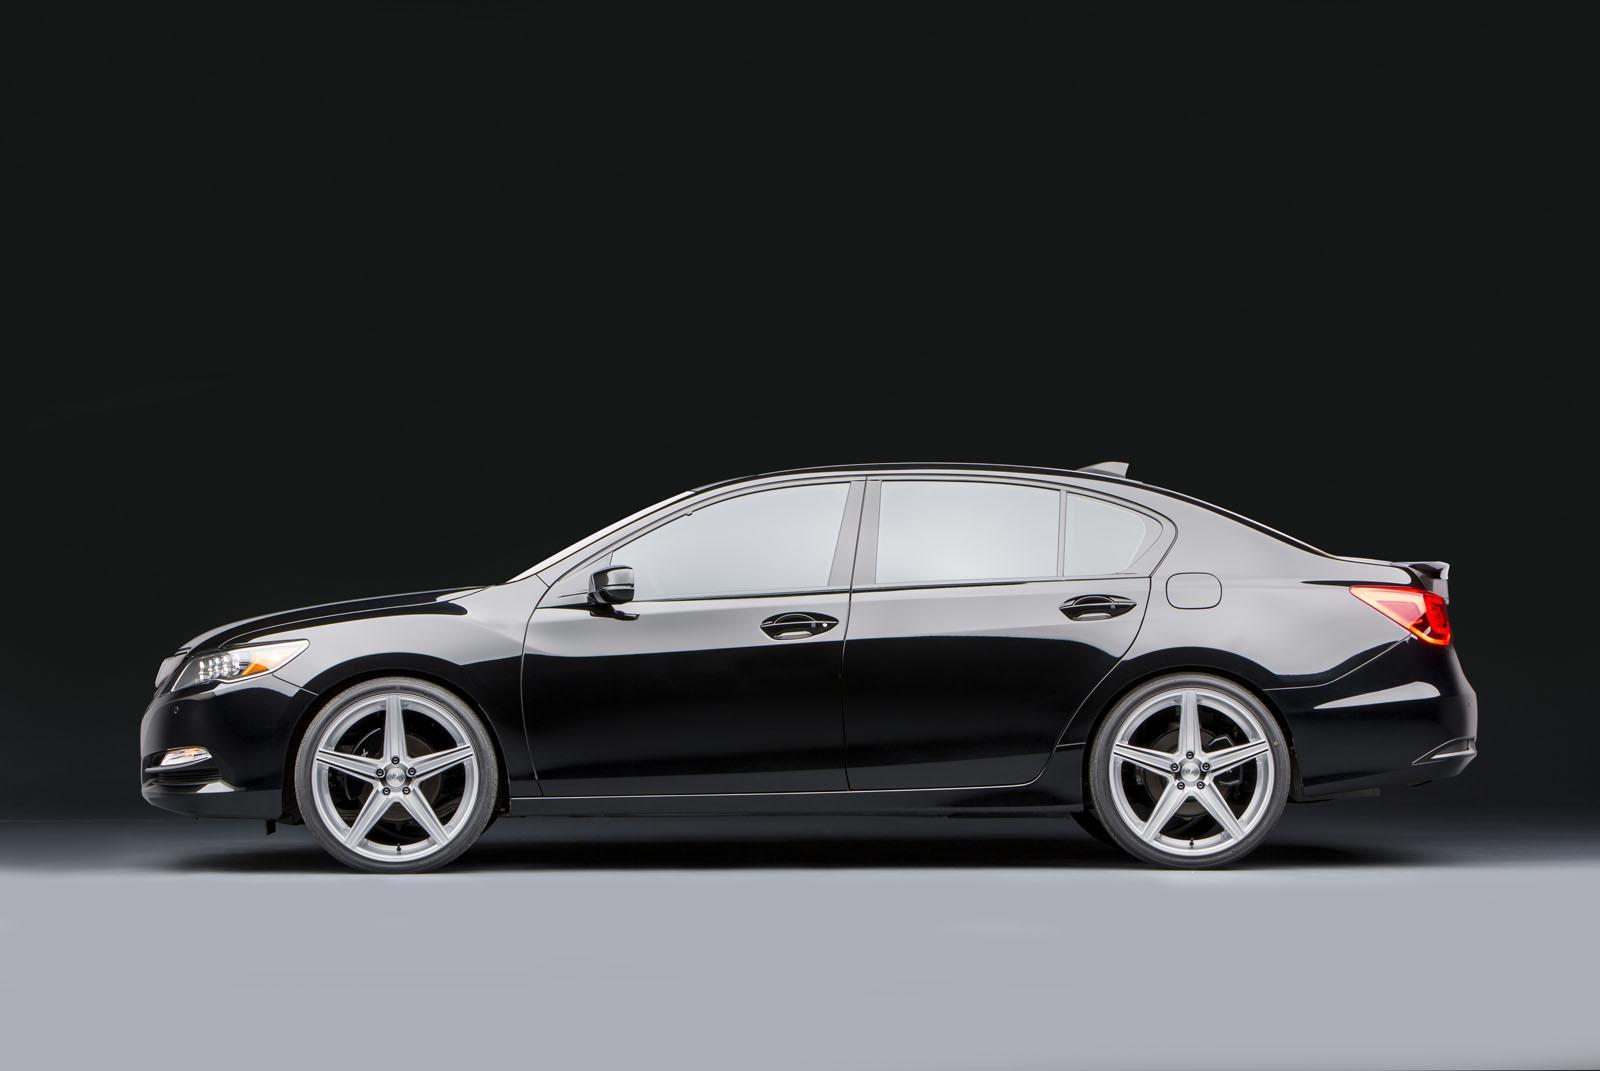 Acura Joins 2013 SEMA with Custom Performance Sedans - autoevolution